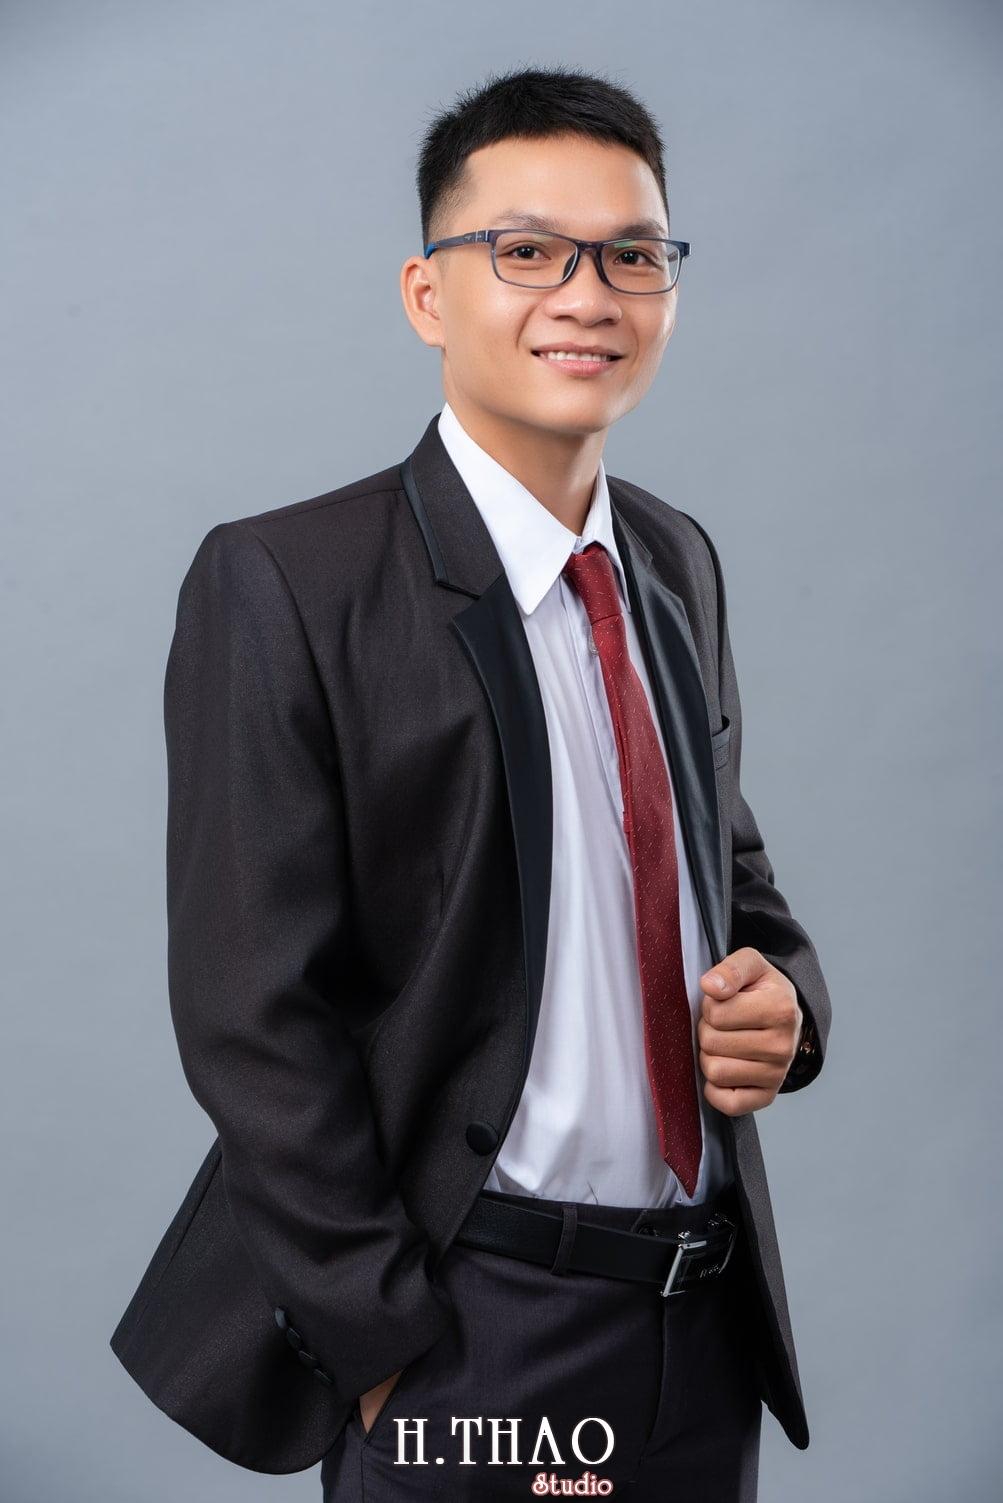 Profile wefinex 4 - Studio chụp ảnh thương hiệu cá nhân đẹp, chuyên nghiệp tại Tp.HCM